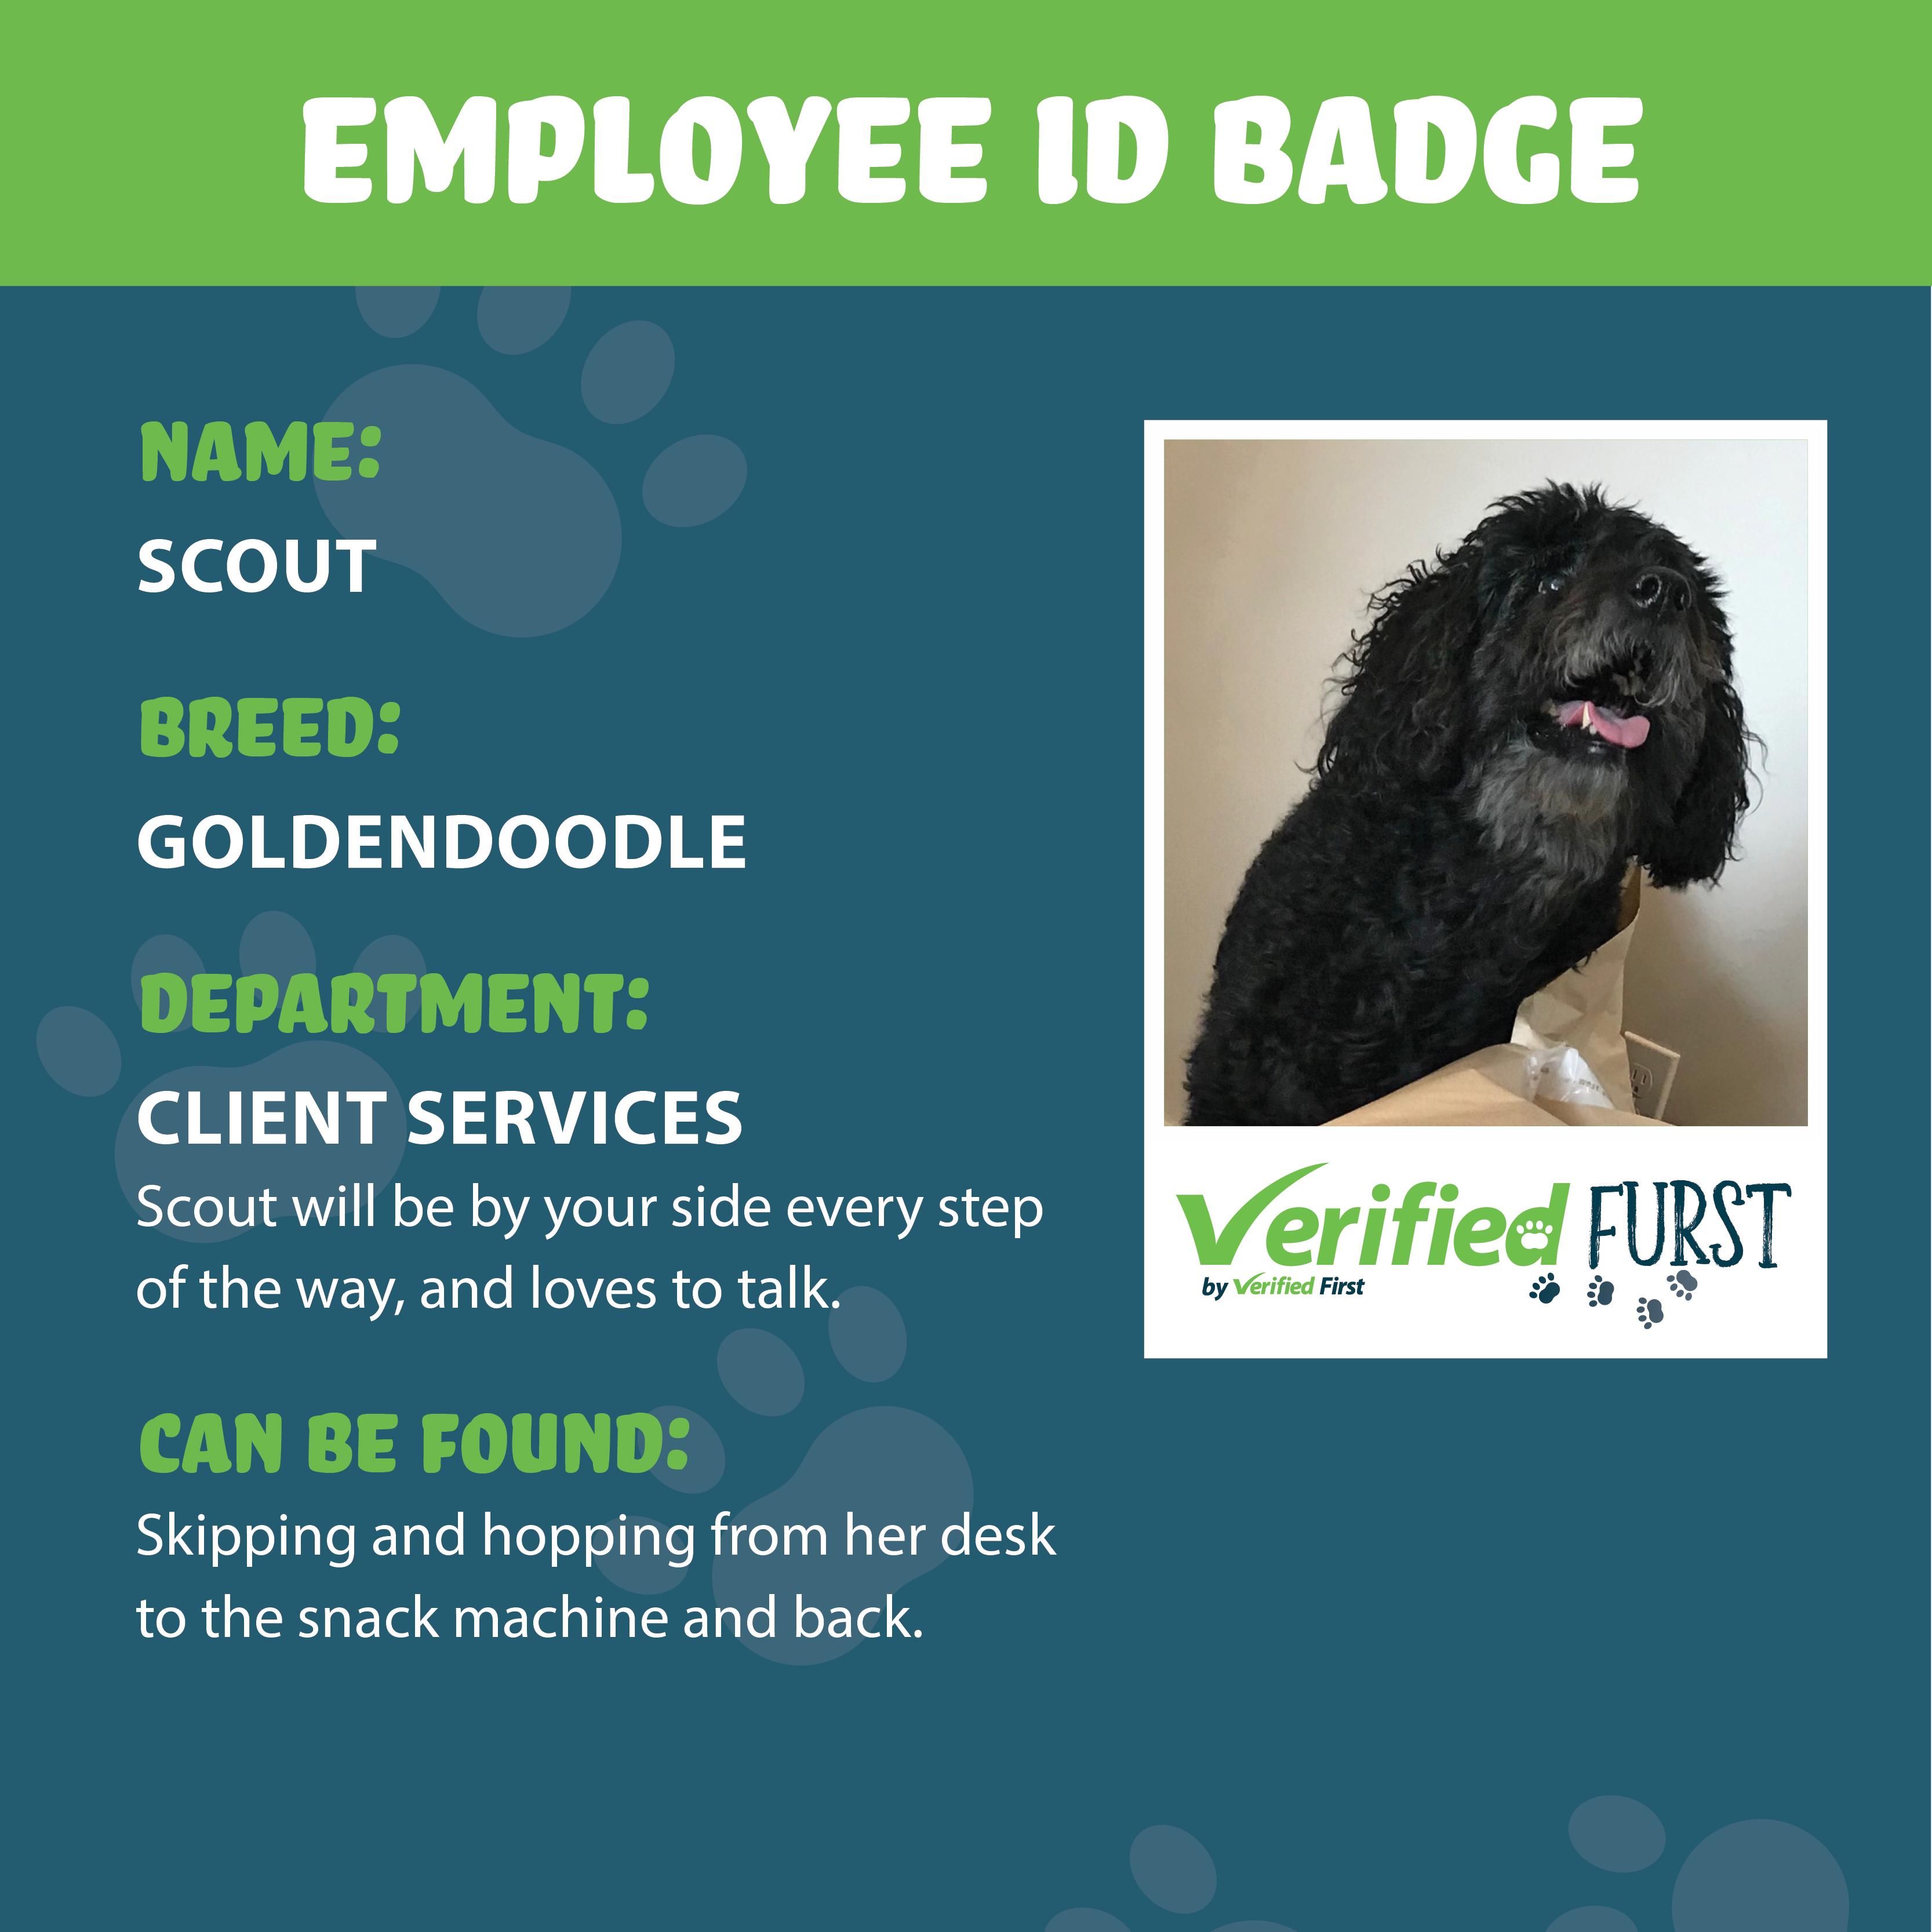 VerifiedFurst_Scout-Goldendoodle